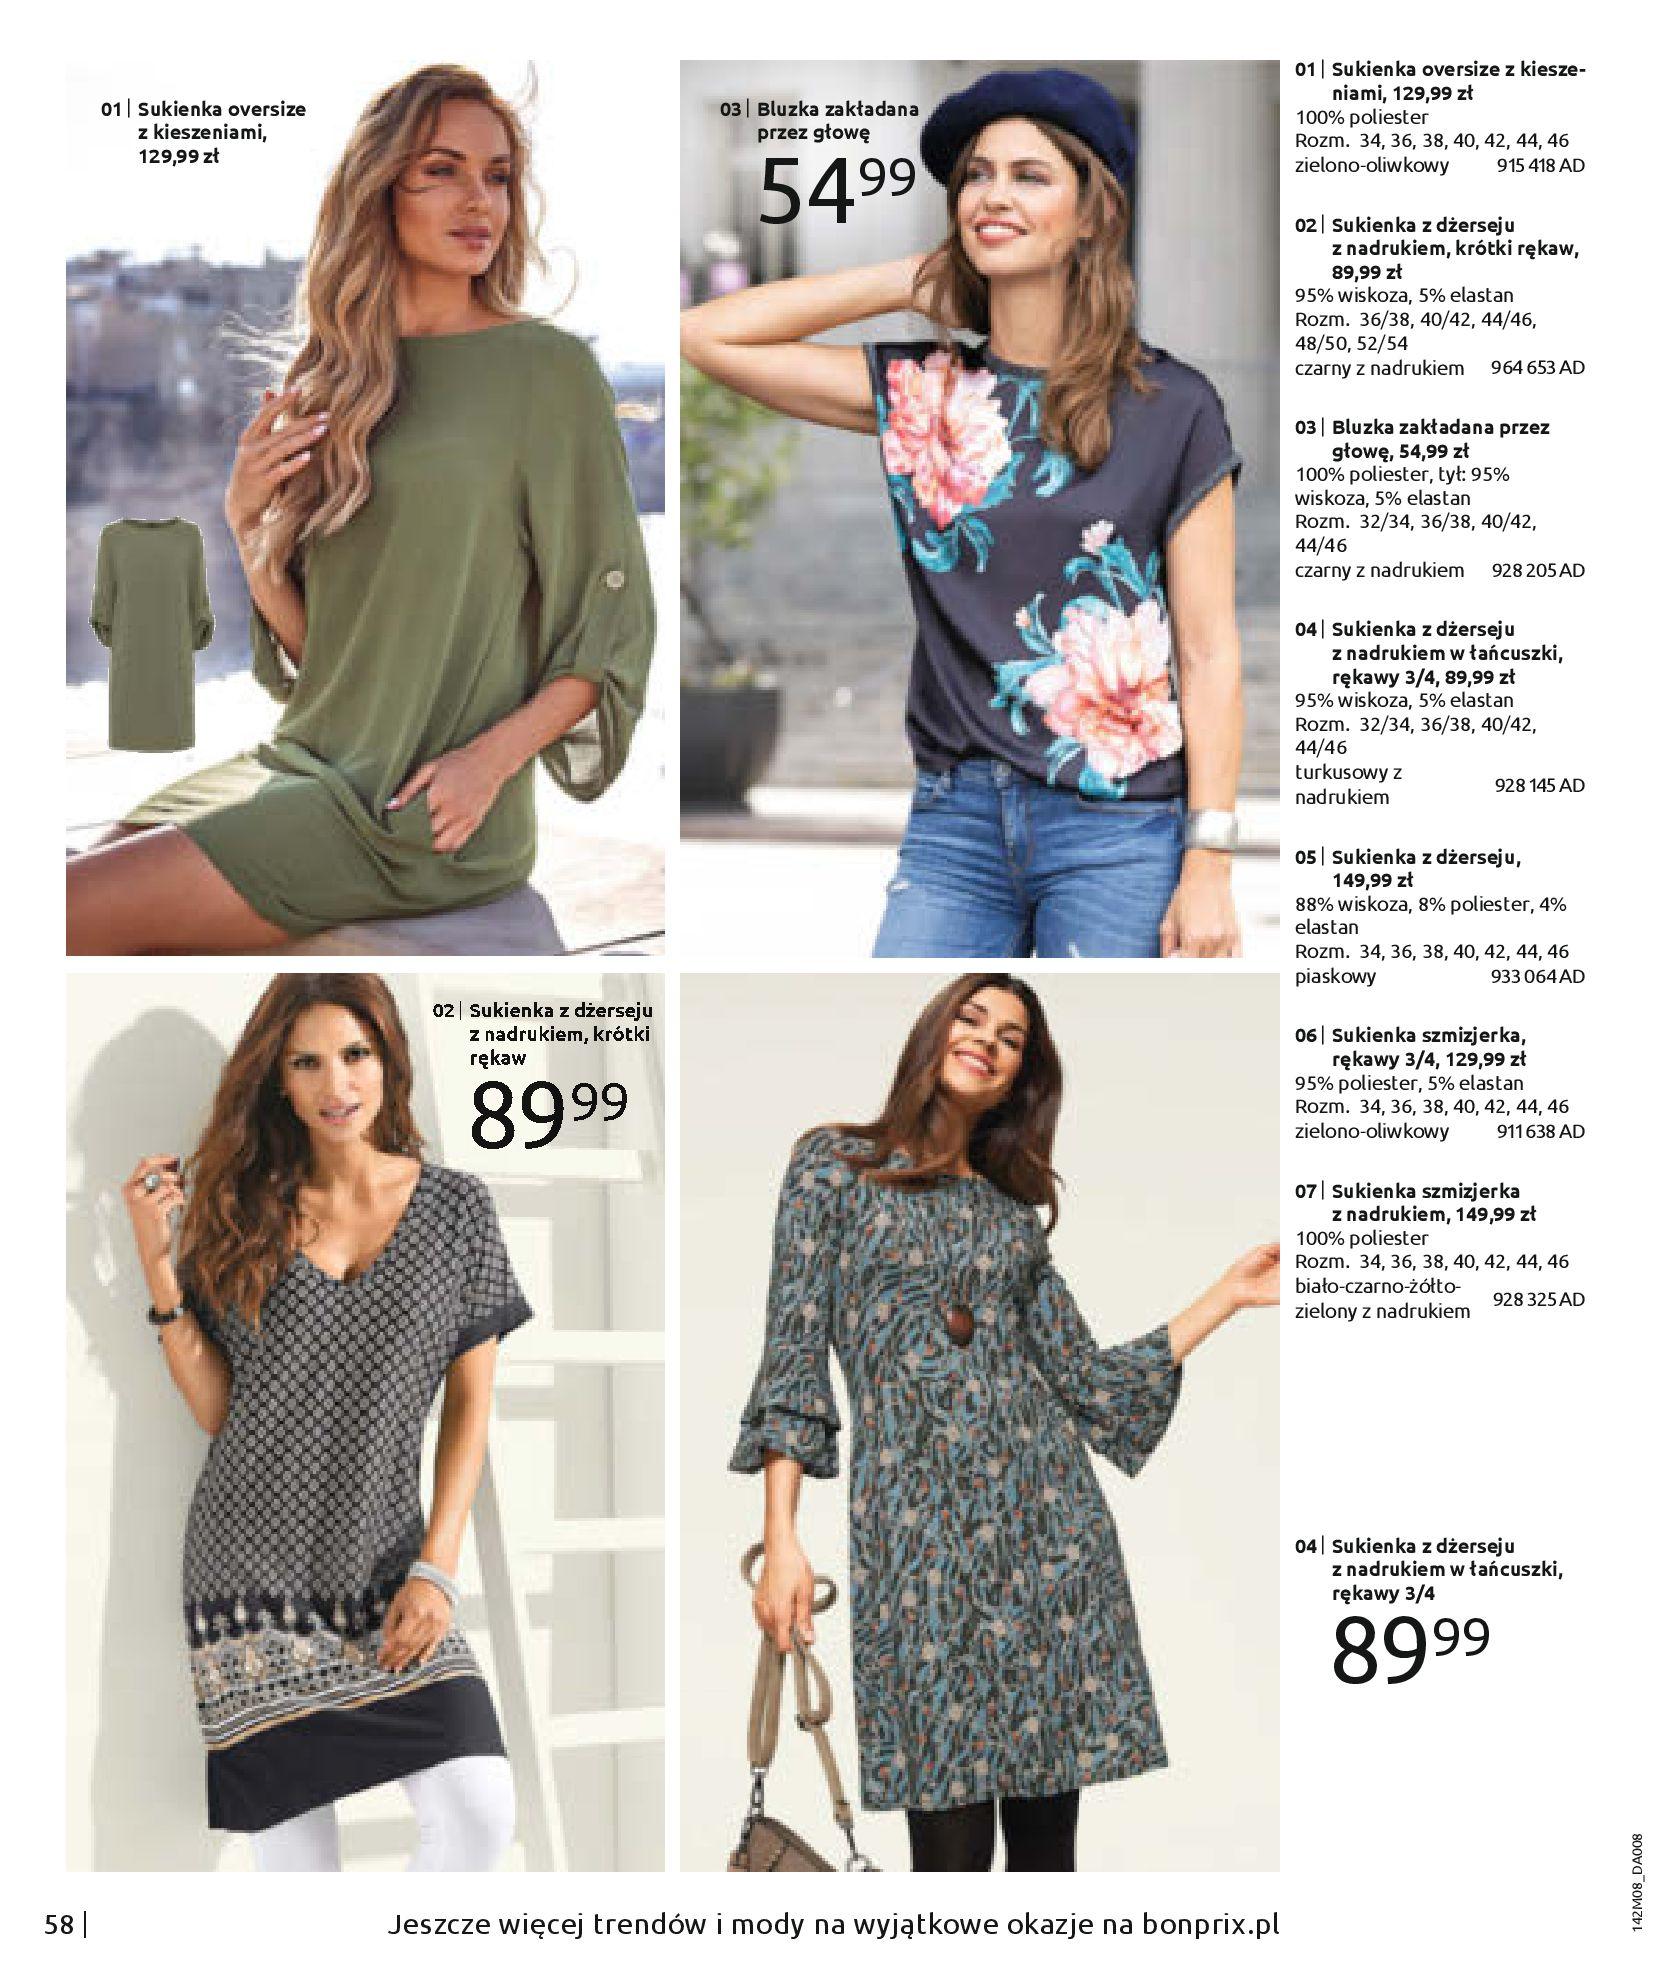 Gazetka Bonprix - Hity dżinsowej mody!-25.08.2020-10.02.2021-page-60